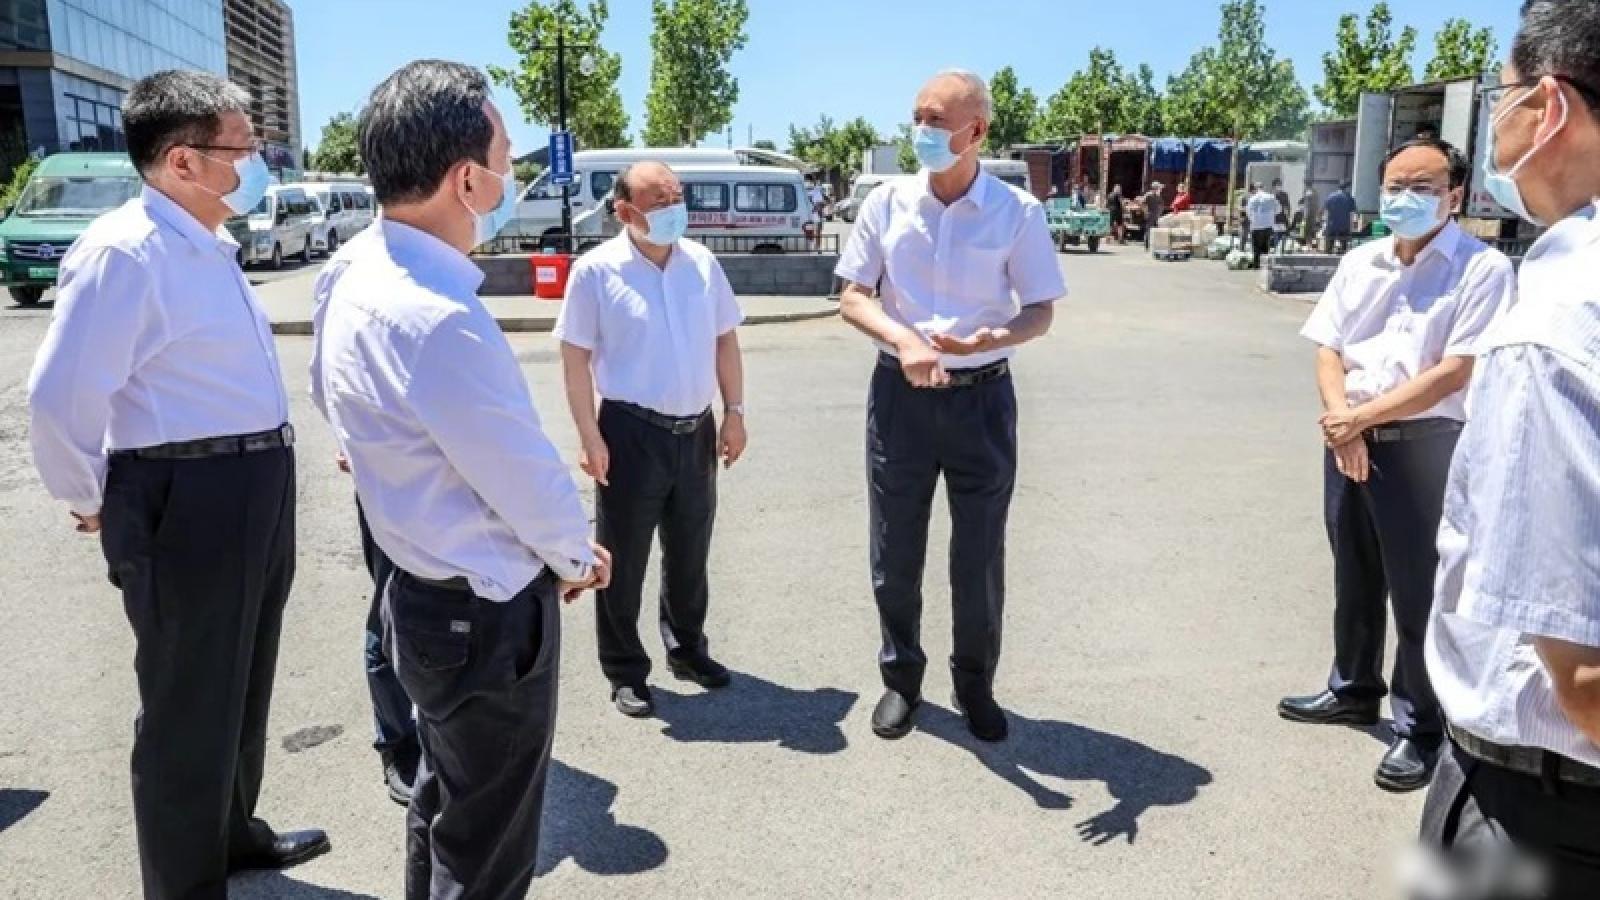 Bắc Kinh tái bùng phát Covid-19 - Lời cảnh báo cho việc dỡ bỏ hạn chế